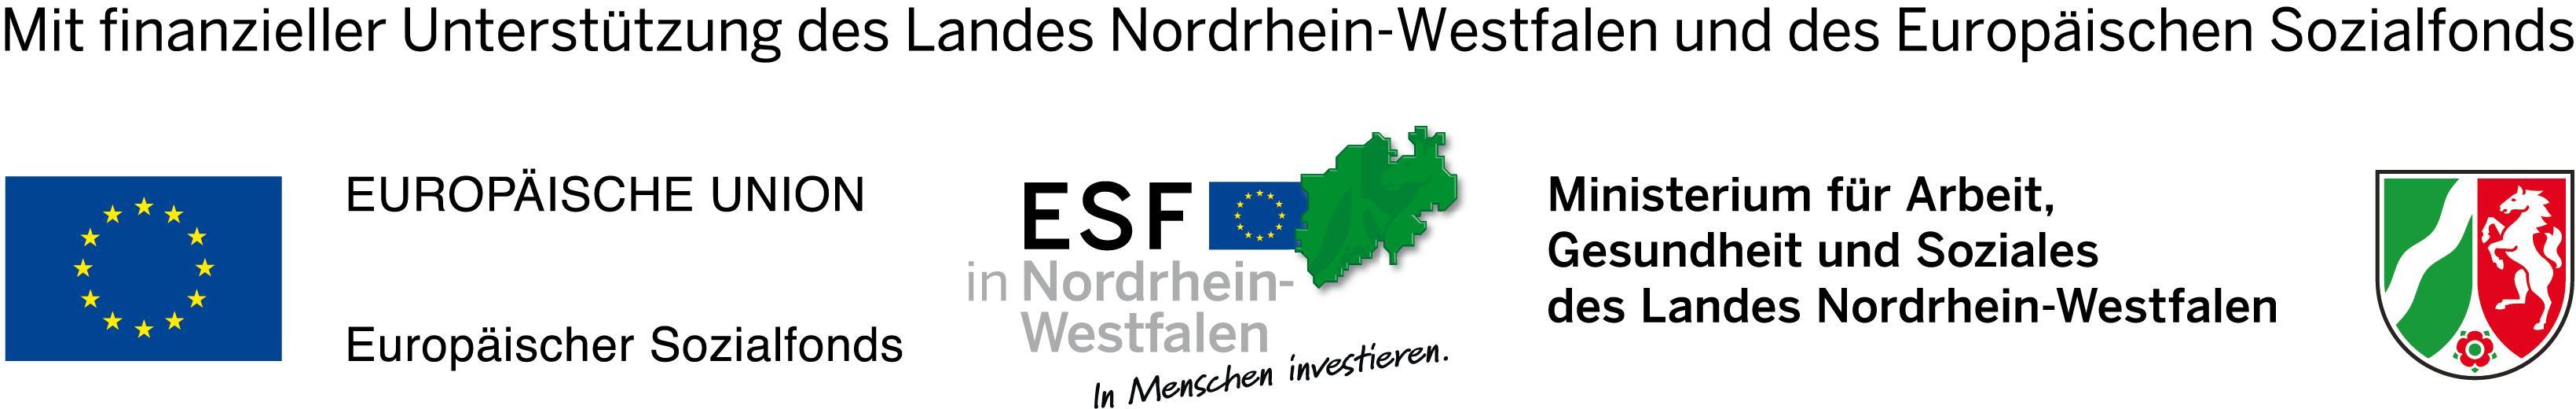 Europäischer Sozialfonds in Nordrhein-Westfalen